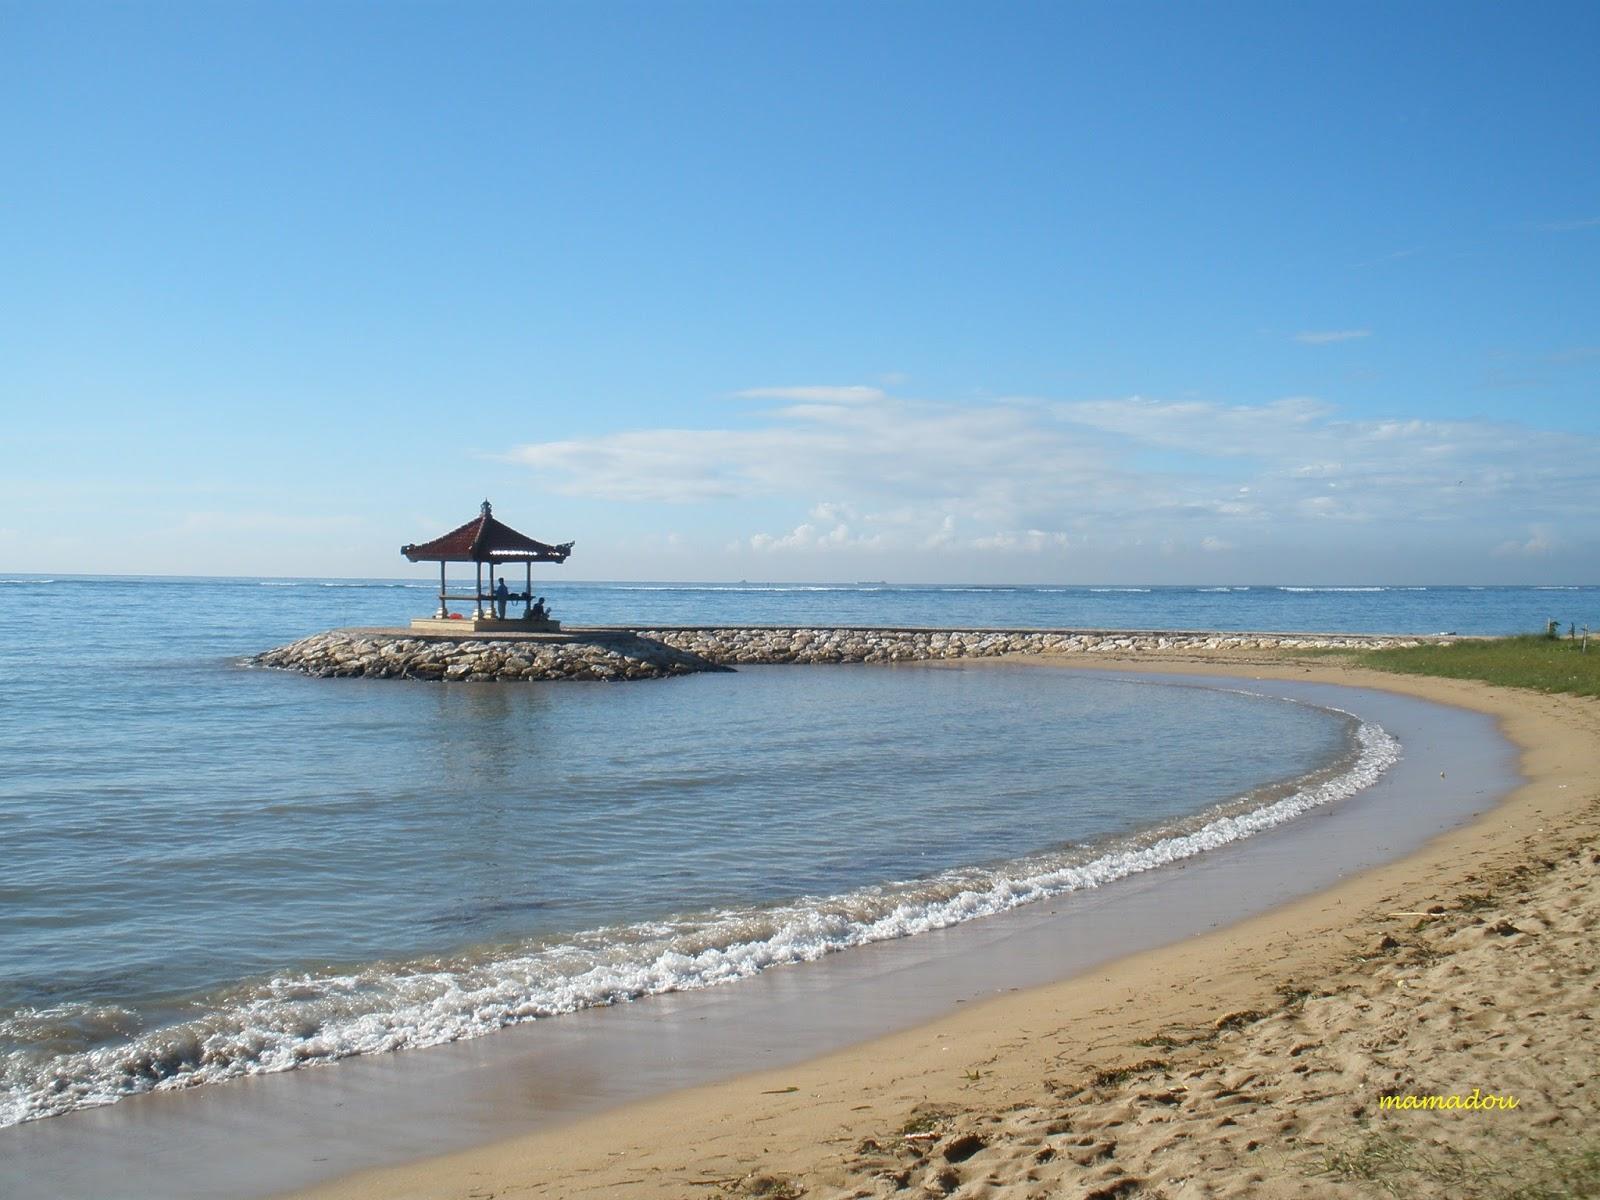 Wisata Religi Dunia Pantai Sanur Bali